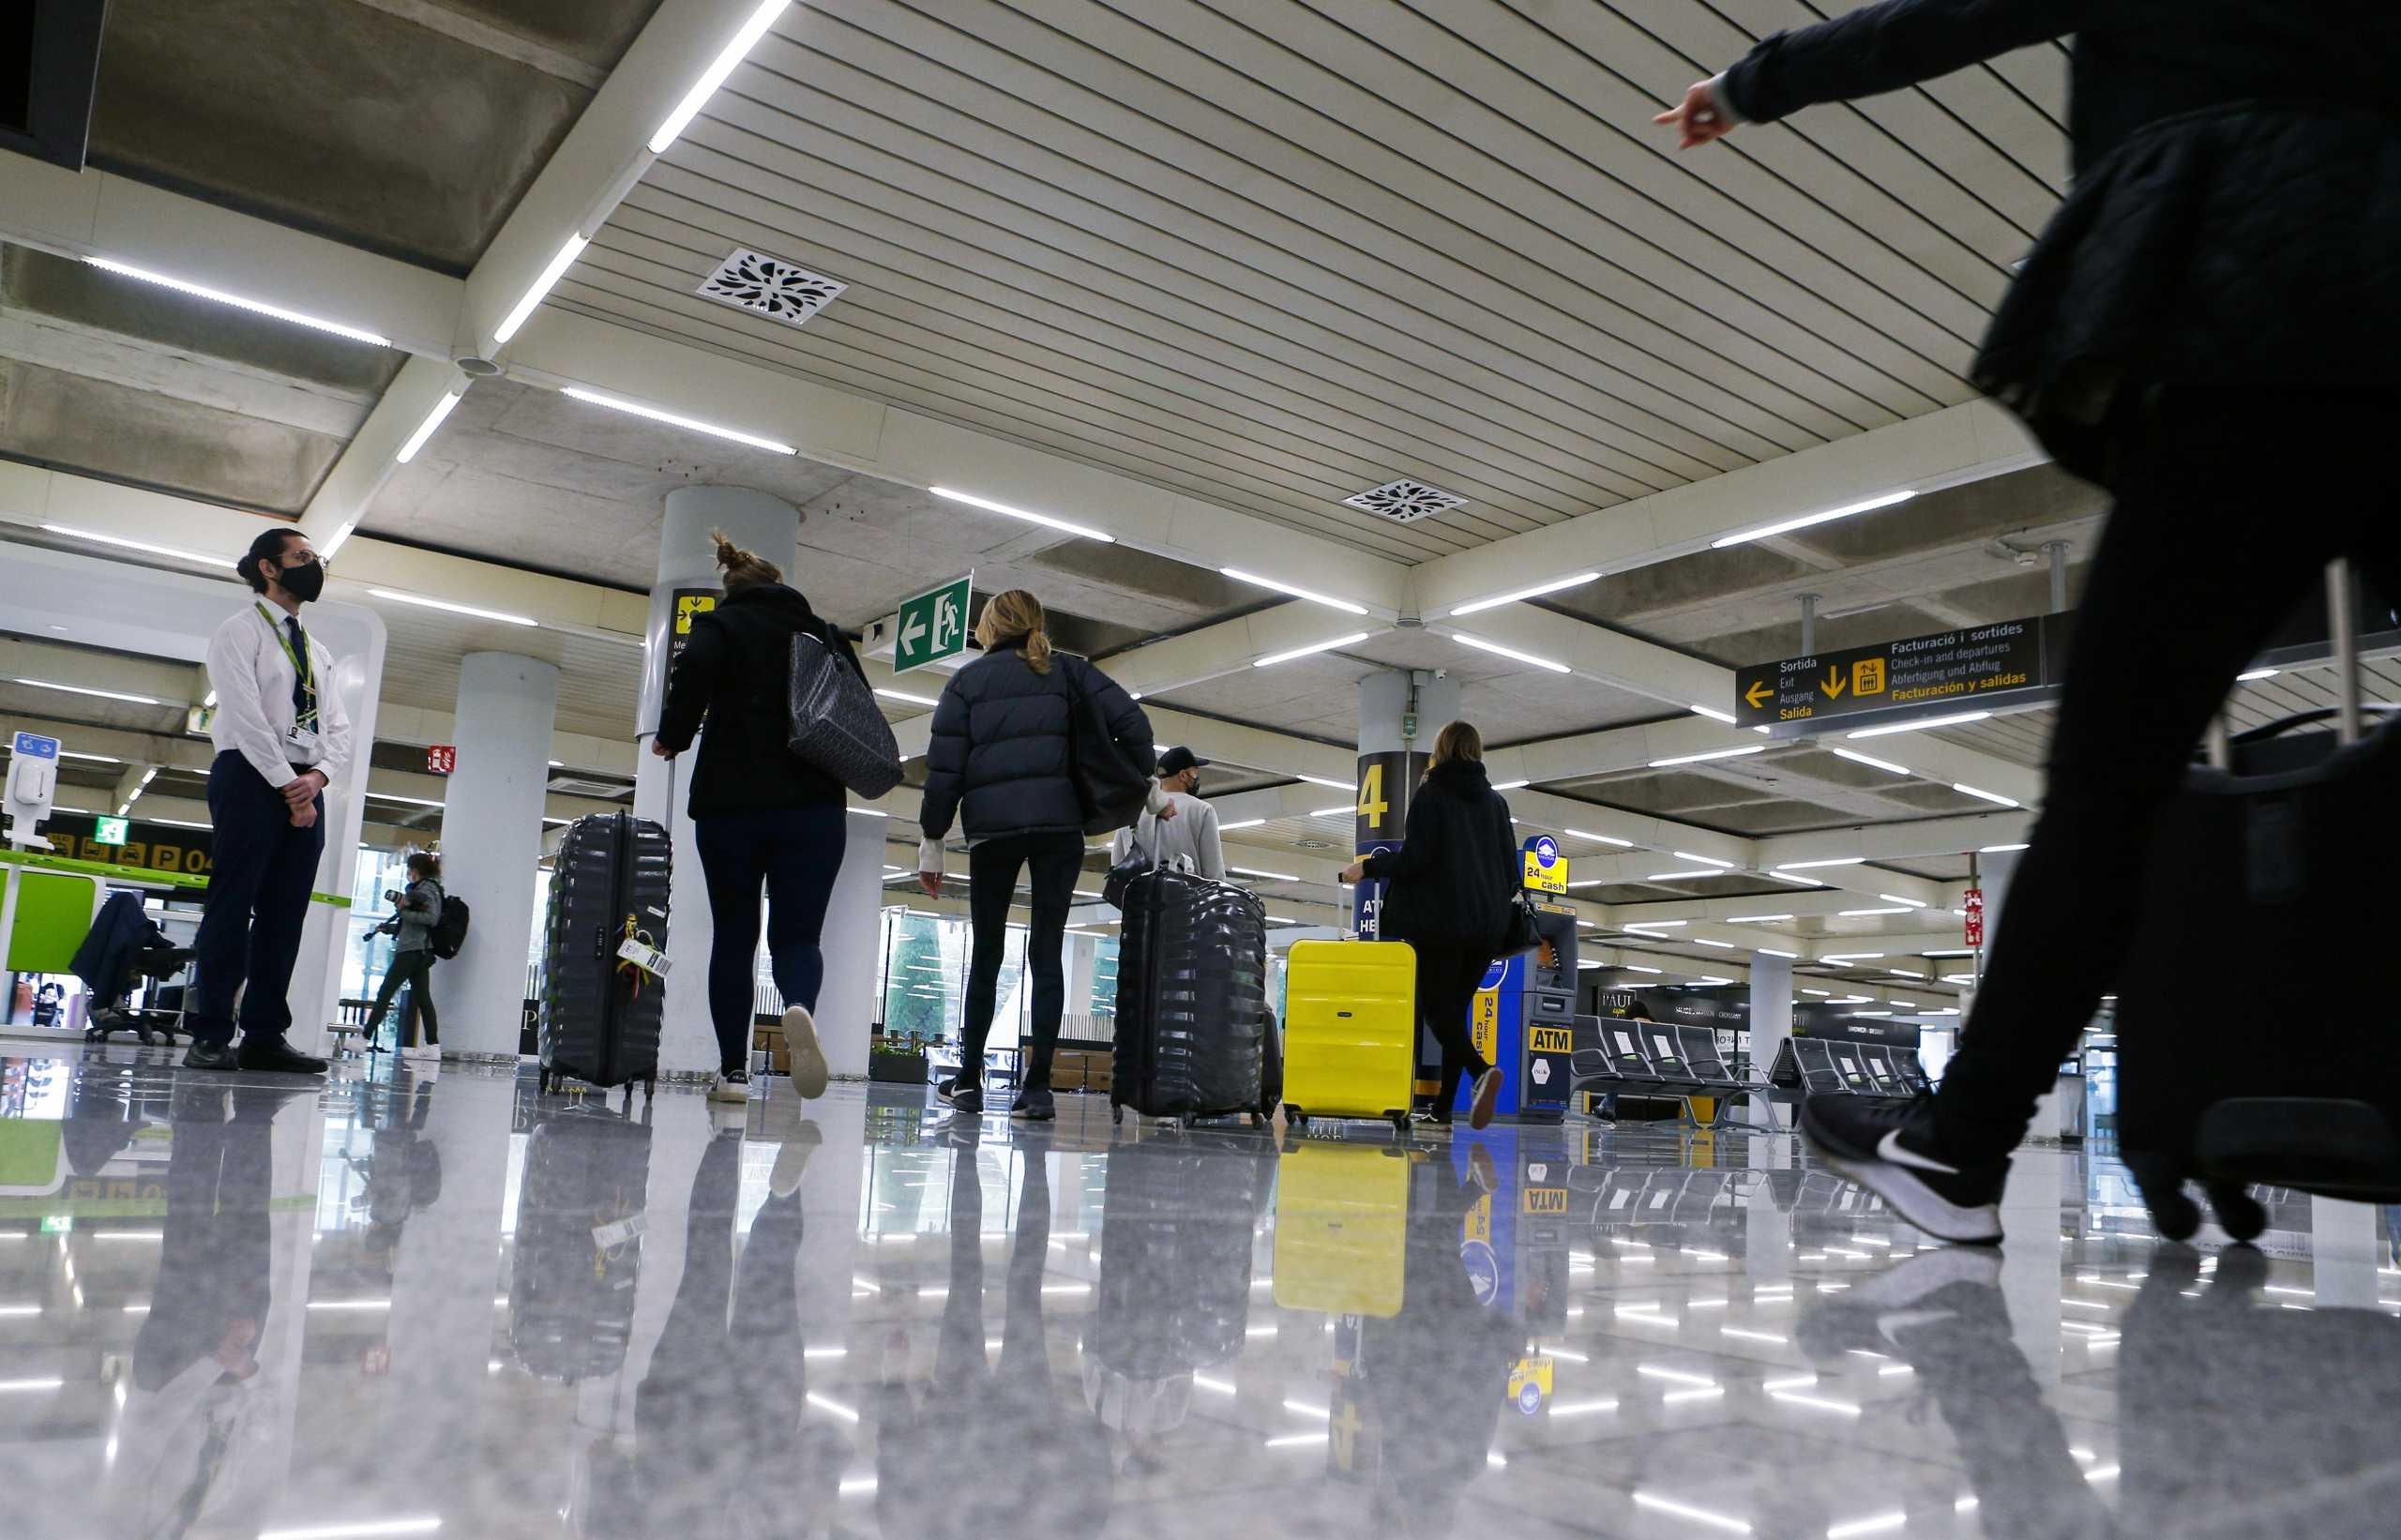 Ρωσία: Παράταση της απαγόρευσης πτήσεων από και προς τη Βρετανία έως την 1η Ιουνίου